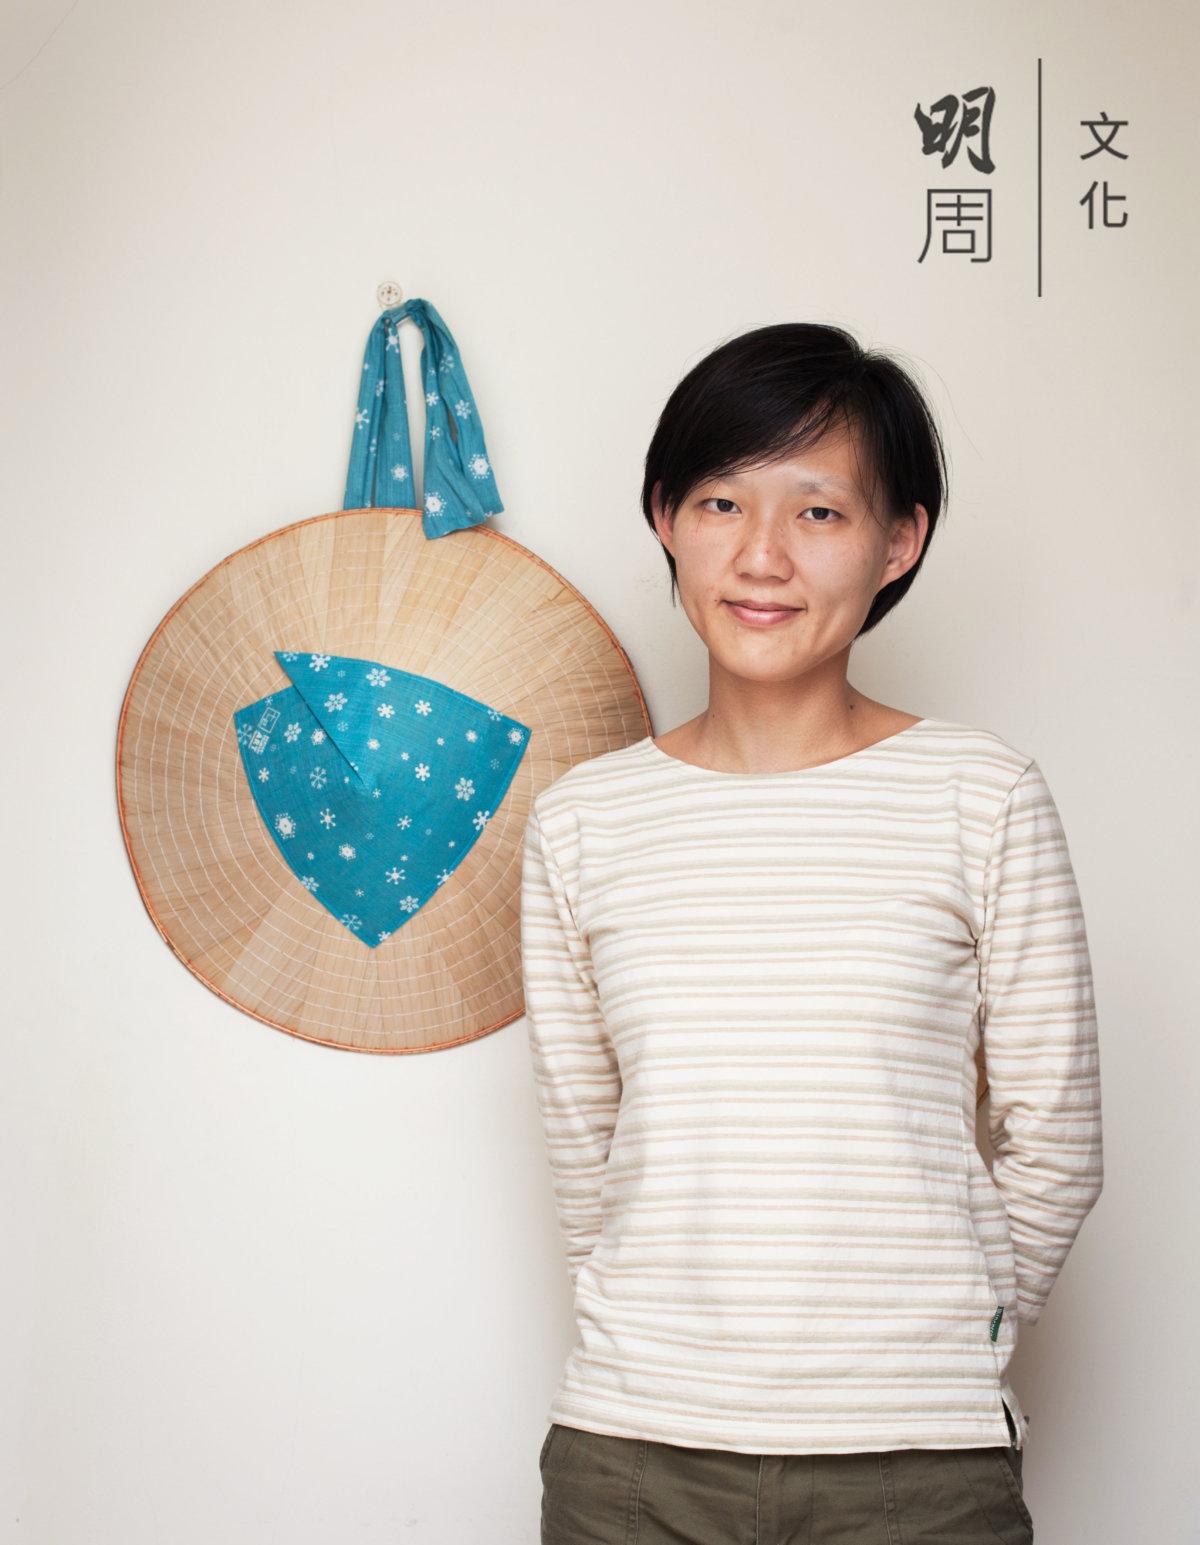 顧瑋做喜歡的事,讓喜歡的事有價值。她創業 有一股衝勁,不求回報,做了再說。